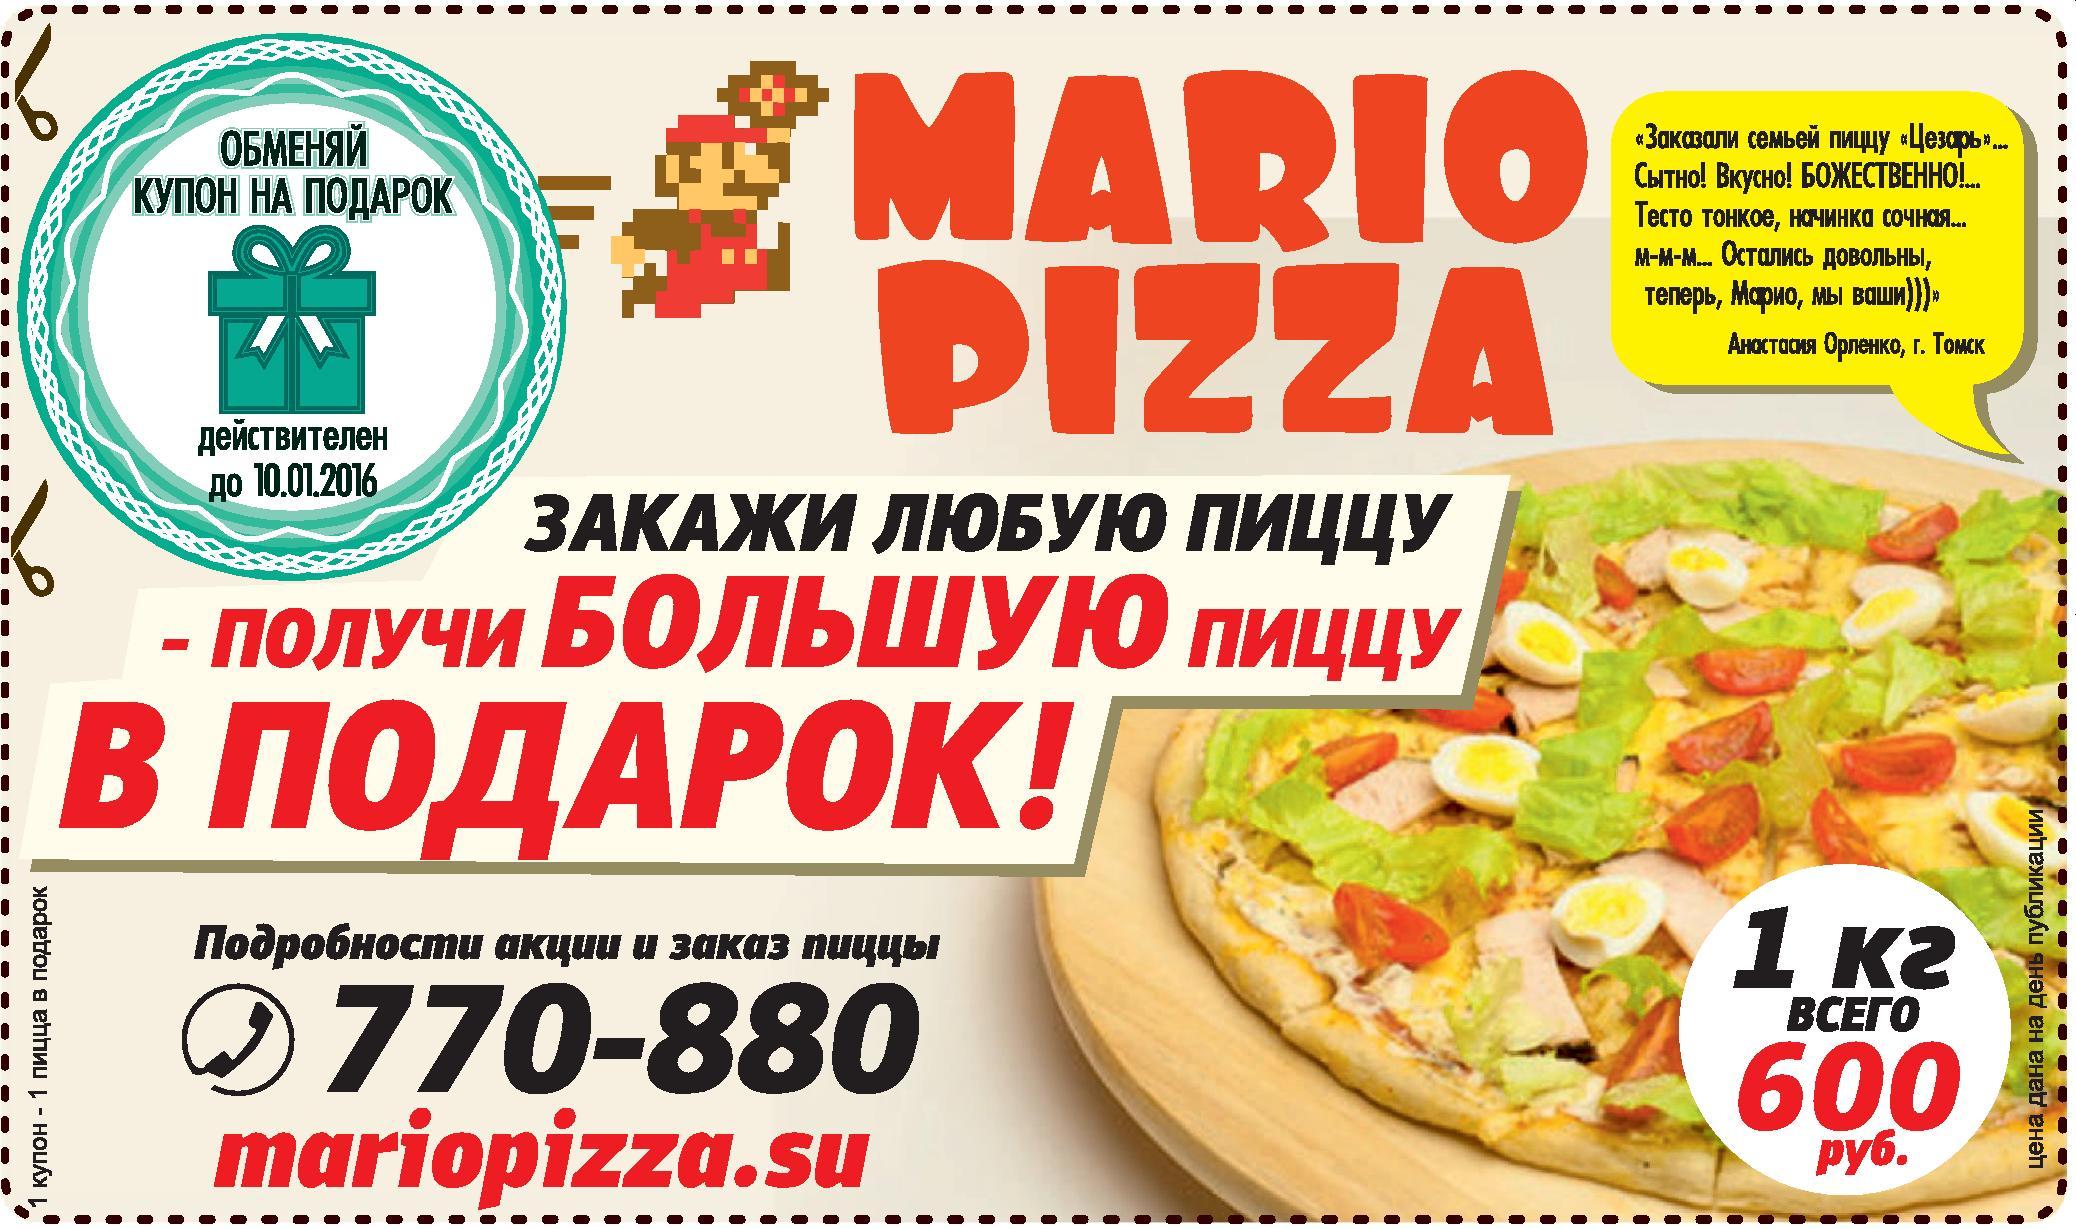 Заказать пиццу с доставкой в Москве в Слайс пицца! 65